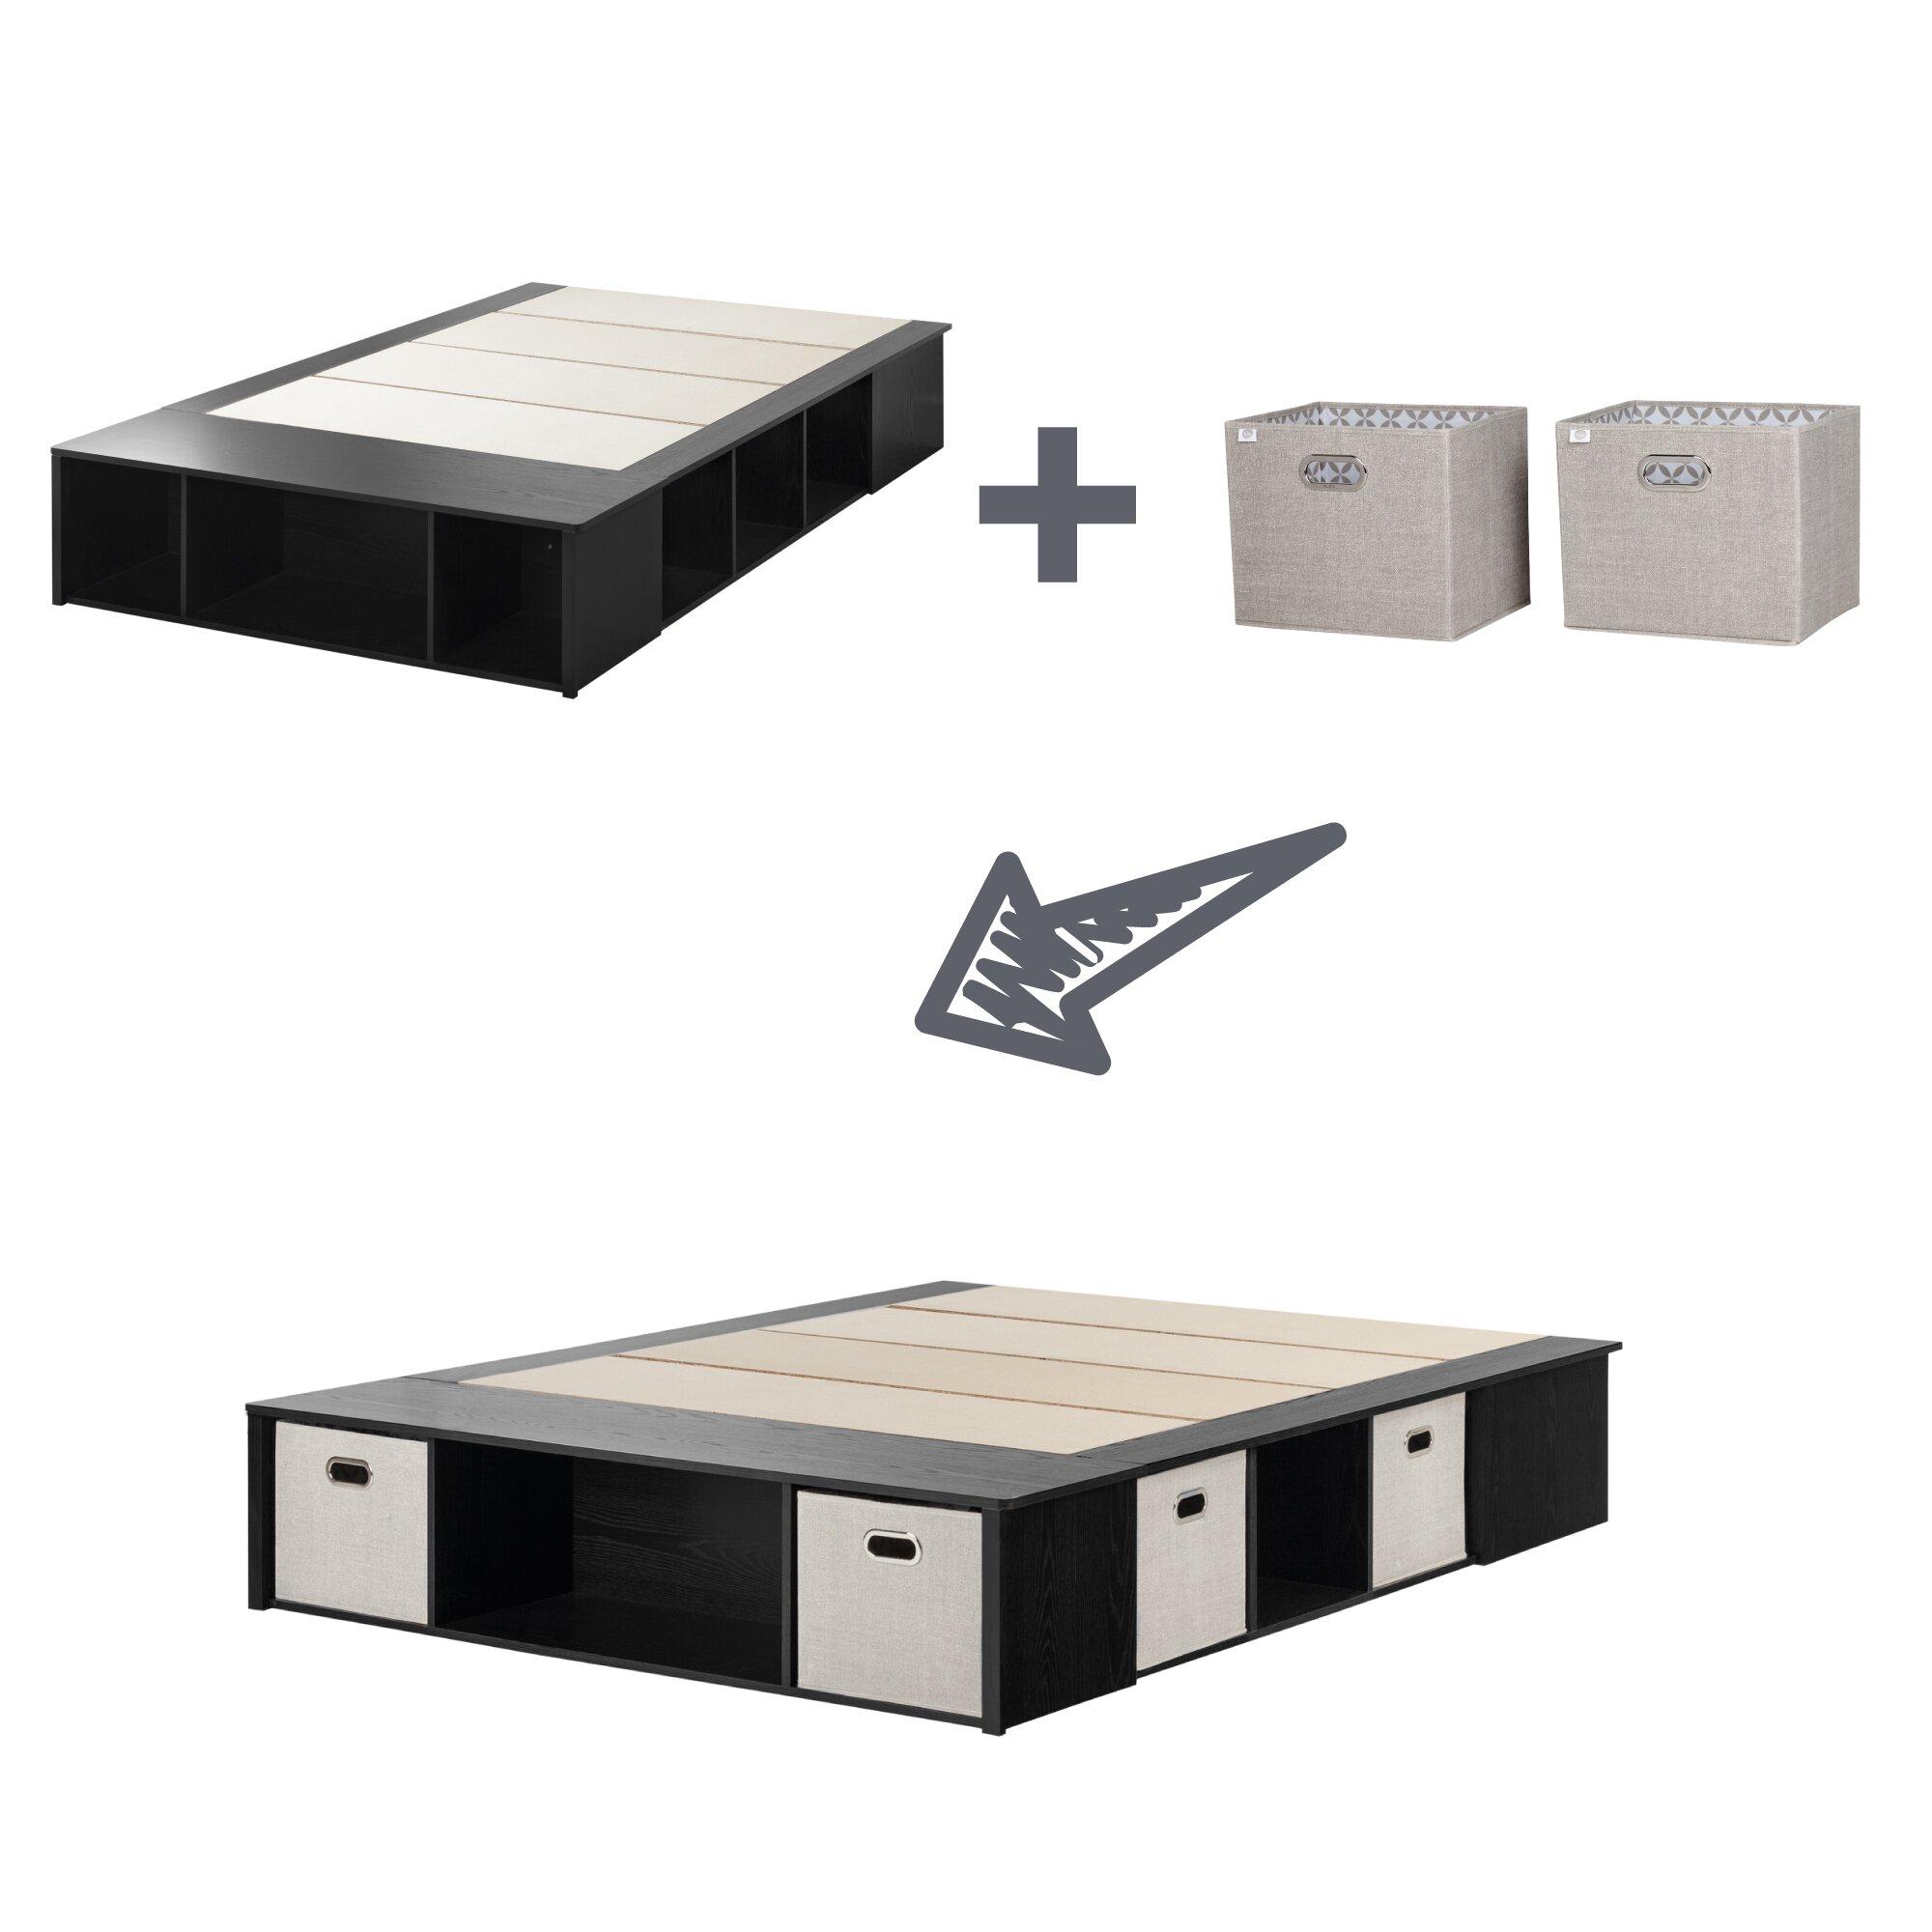 Stuff your stuff platform bed - South Shore Platform Bed